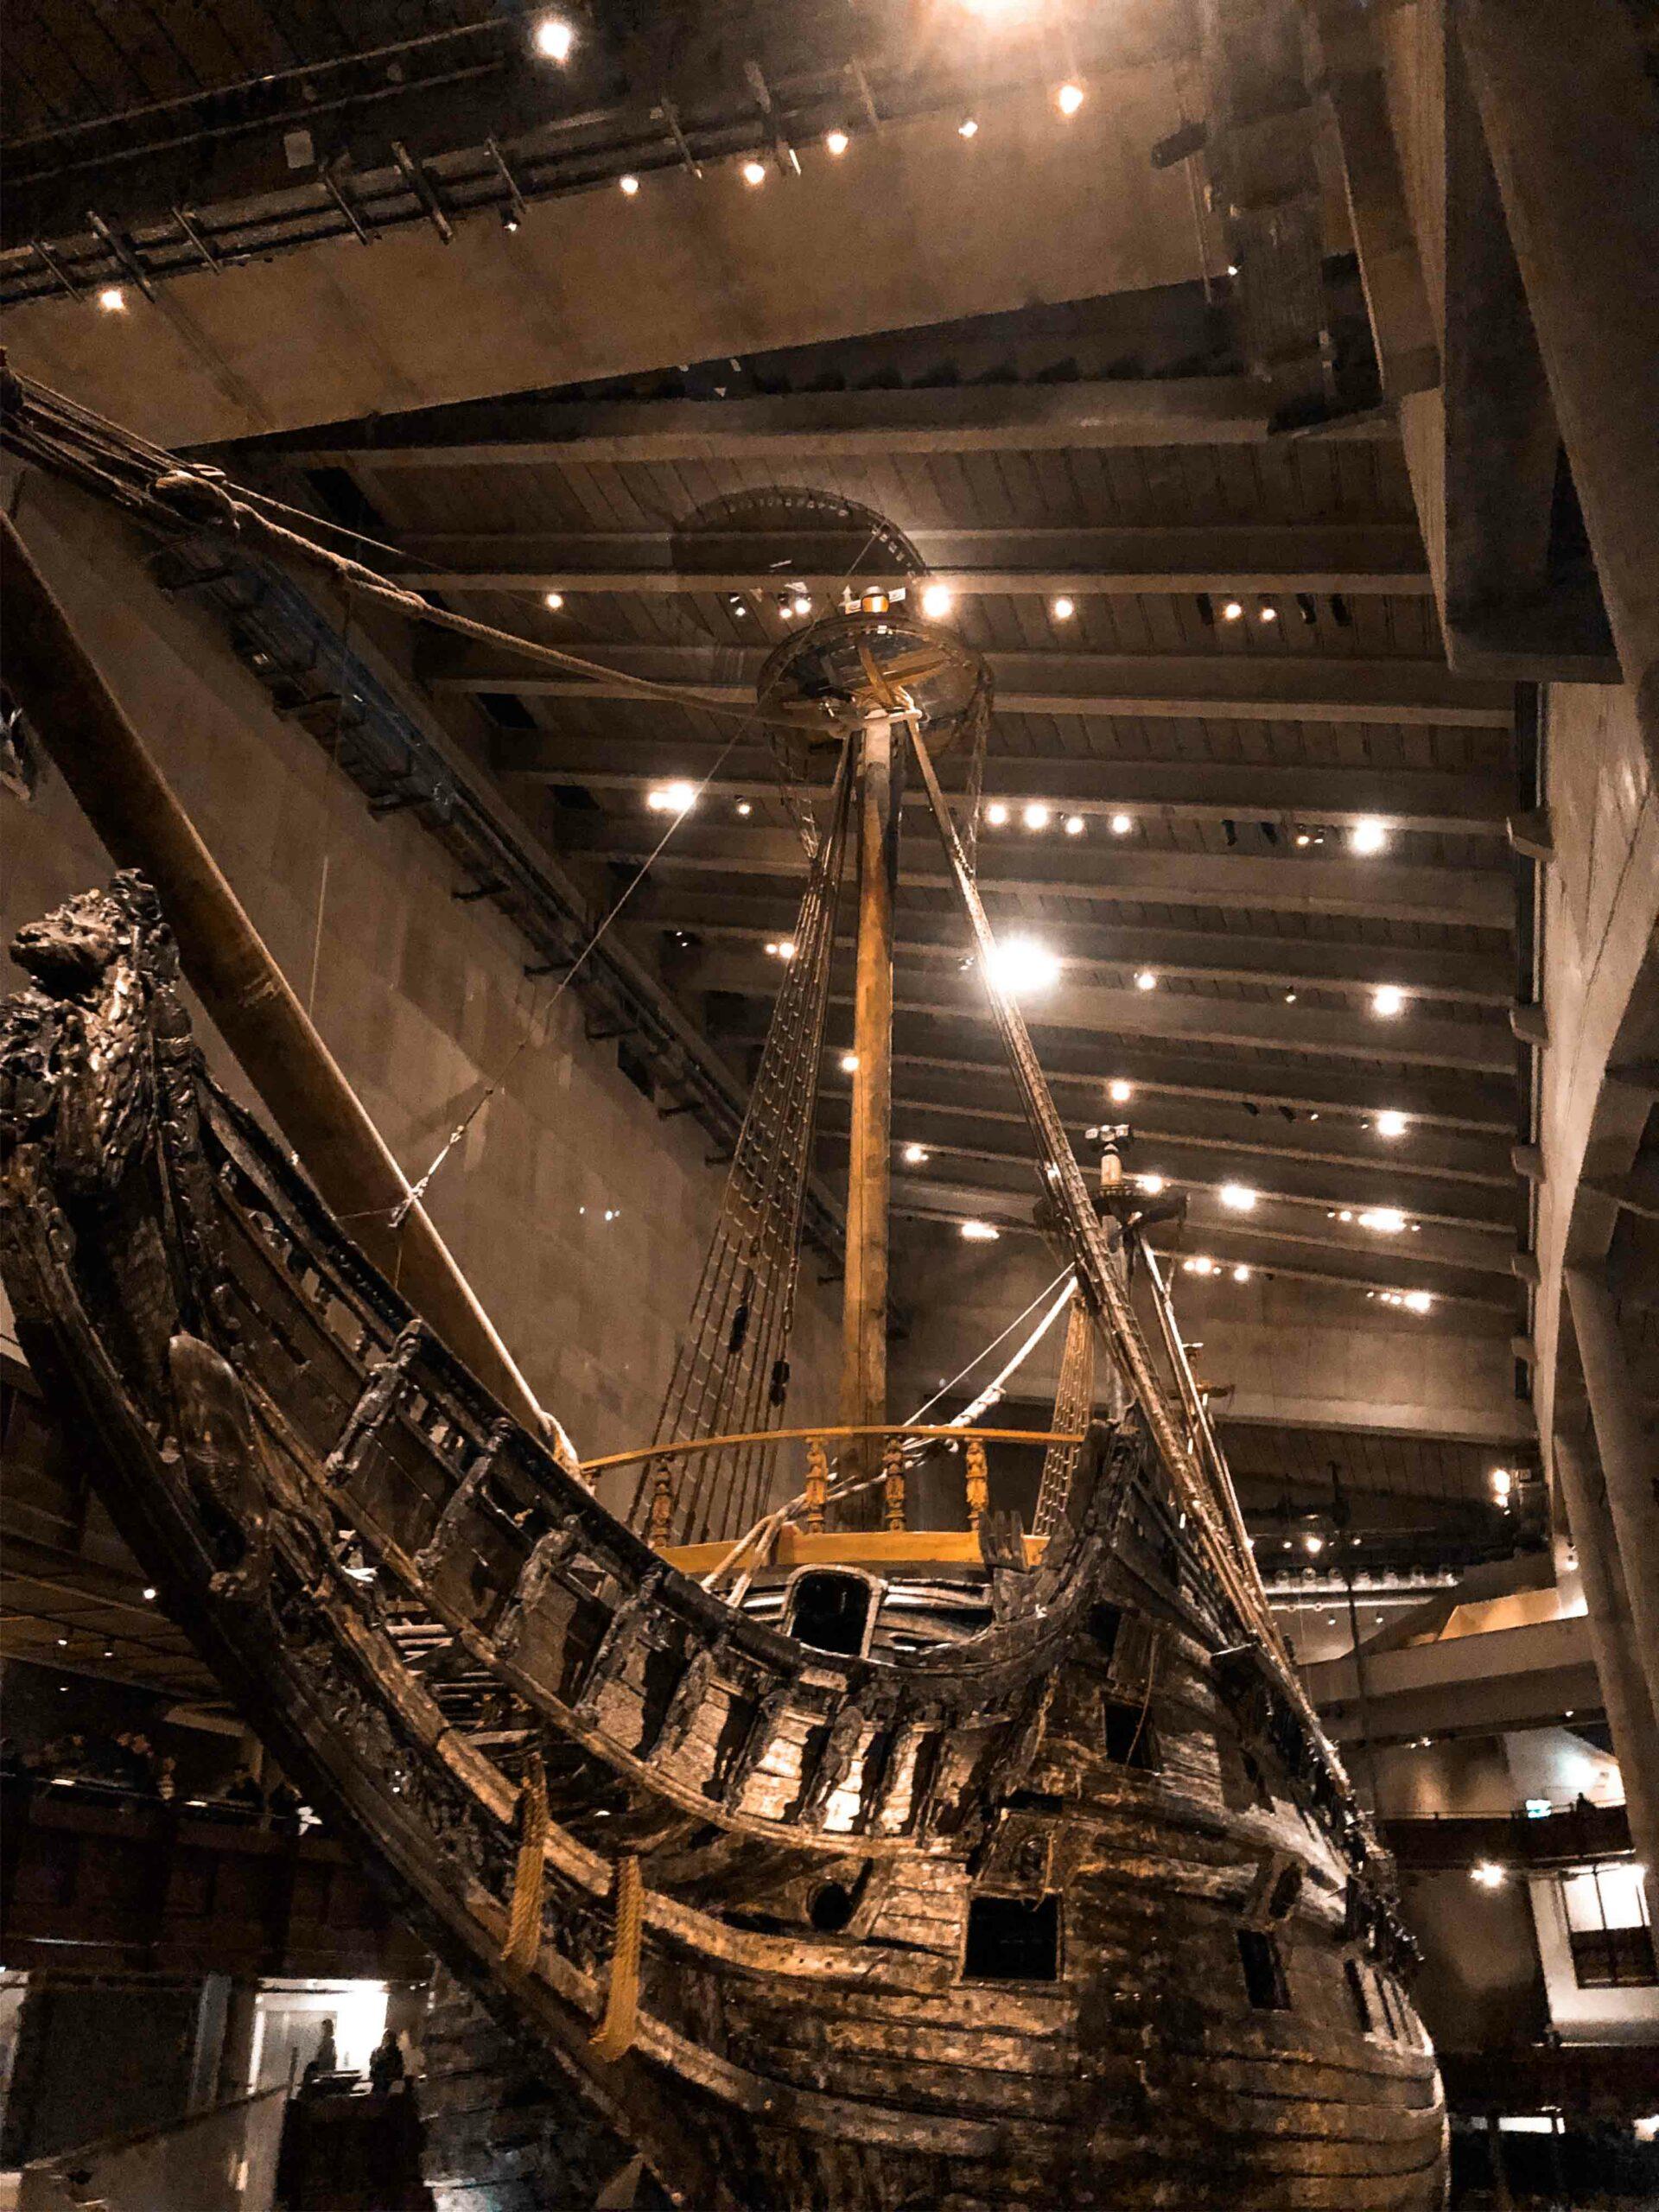 stockholm tipps hotel sehenswürdigkeiten Vasa museum